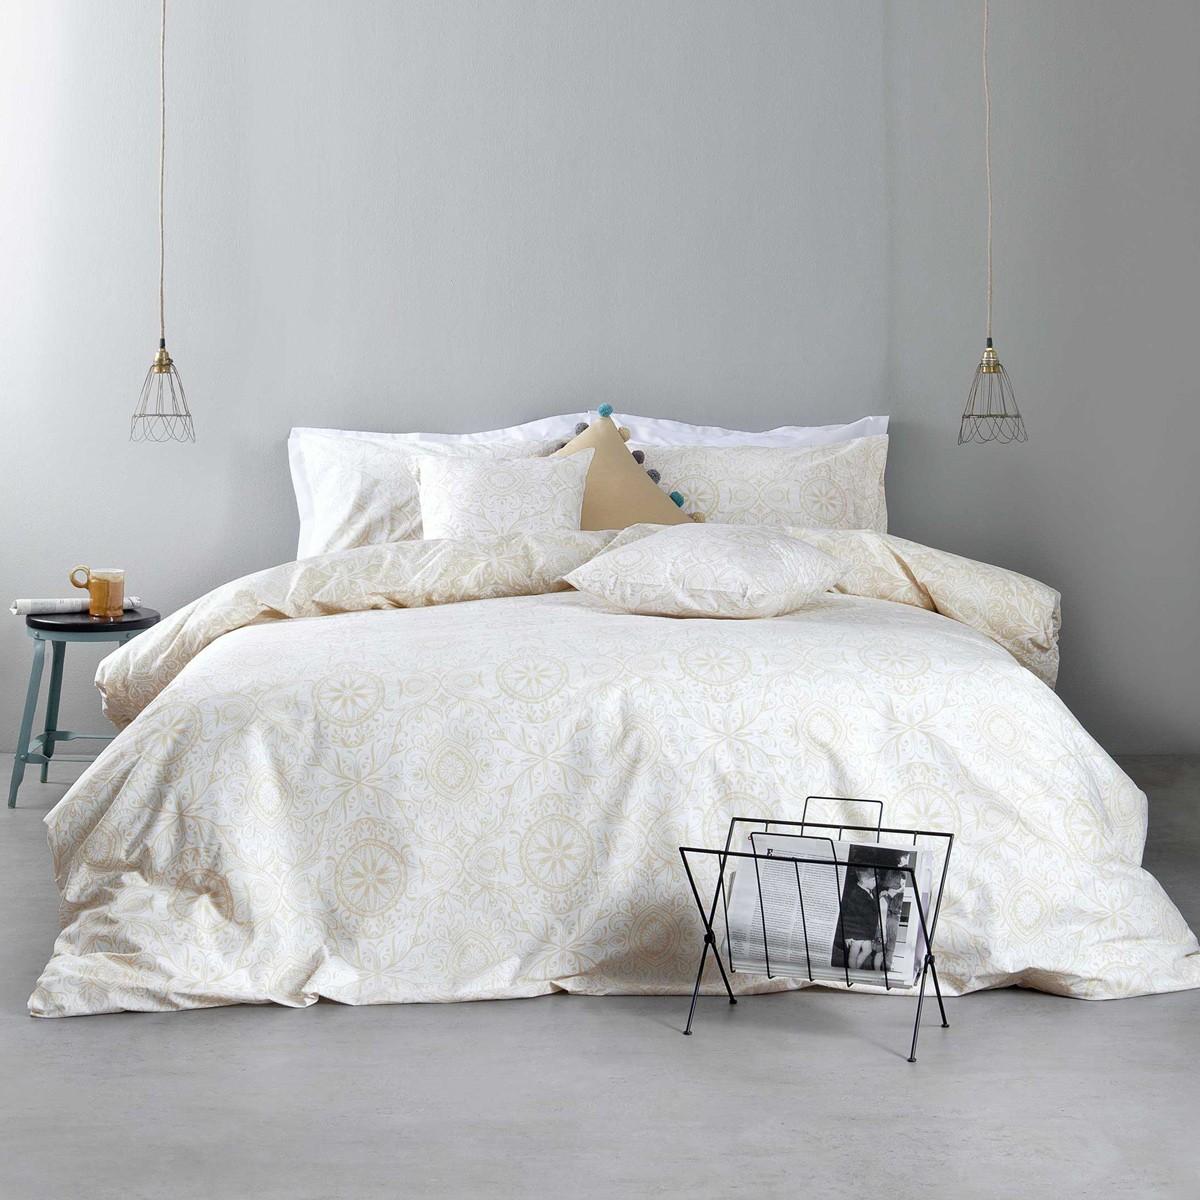 Κουβερλί Μονό Nima Bed Linen Anatolica Beige